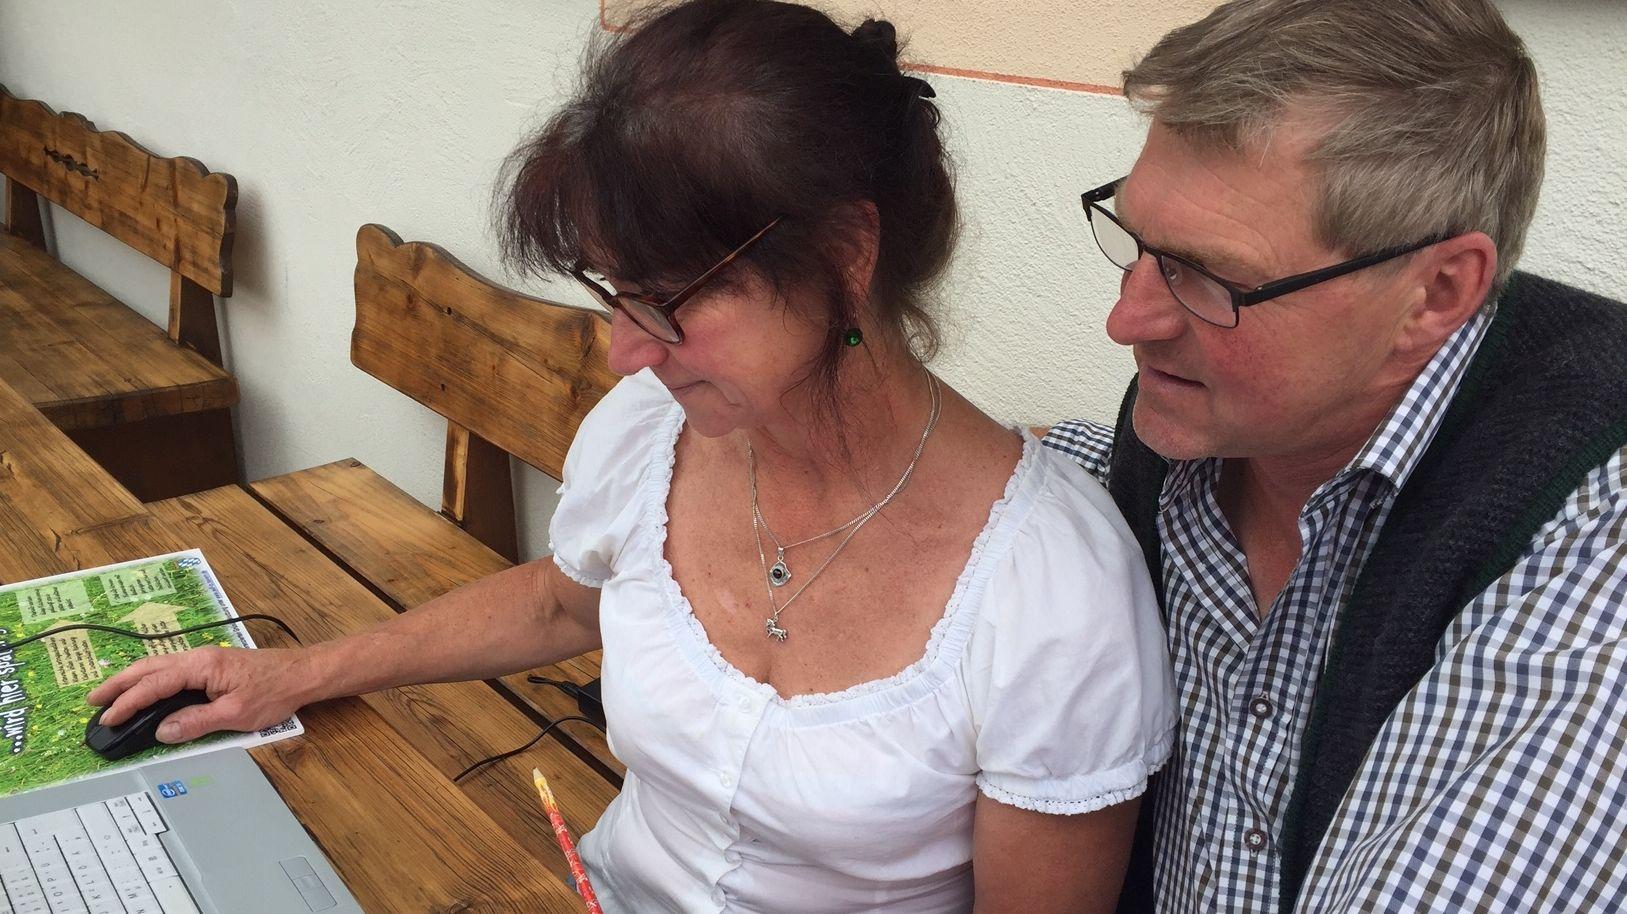 Babsi und Thomas Christophori sitzen am Tisch vor dem Haus und bearbeiten Buchungen am PC.